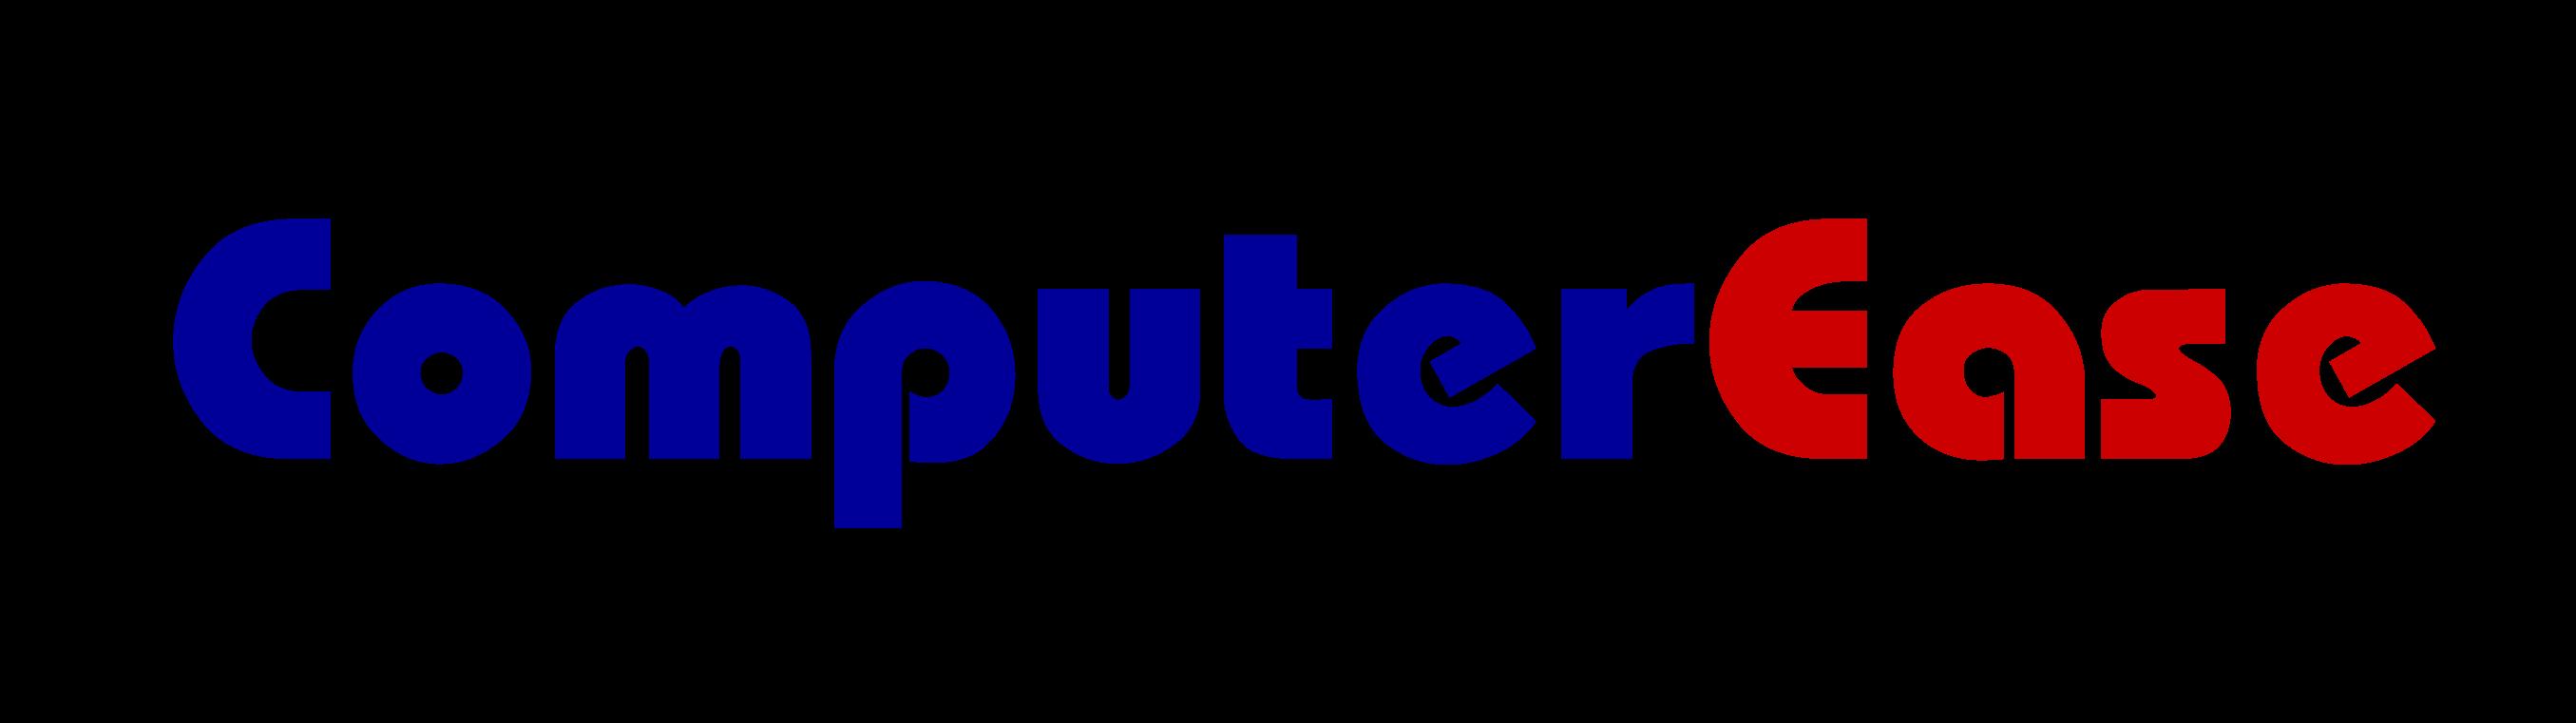 Computerease logo 01